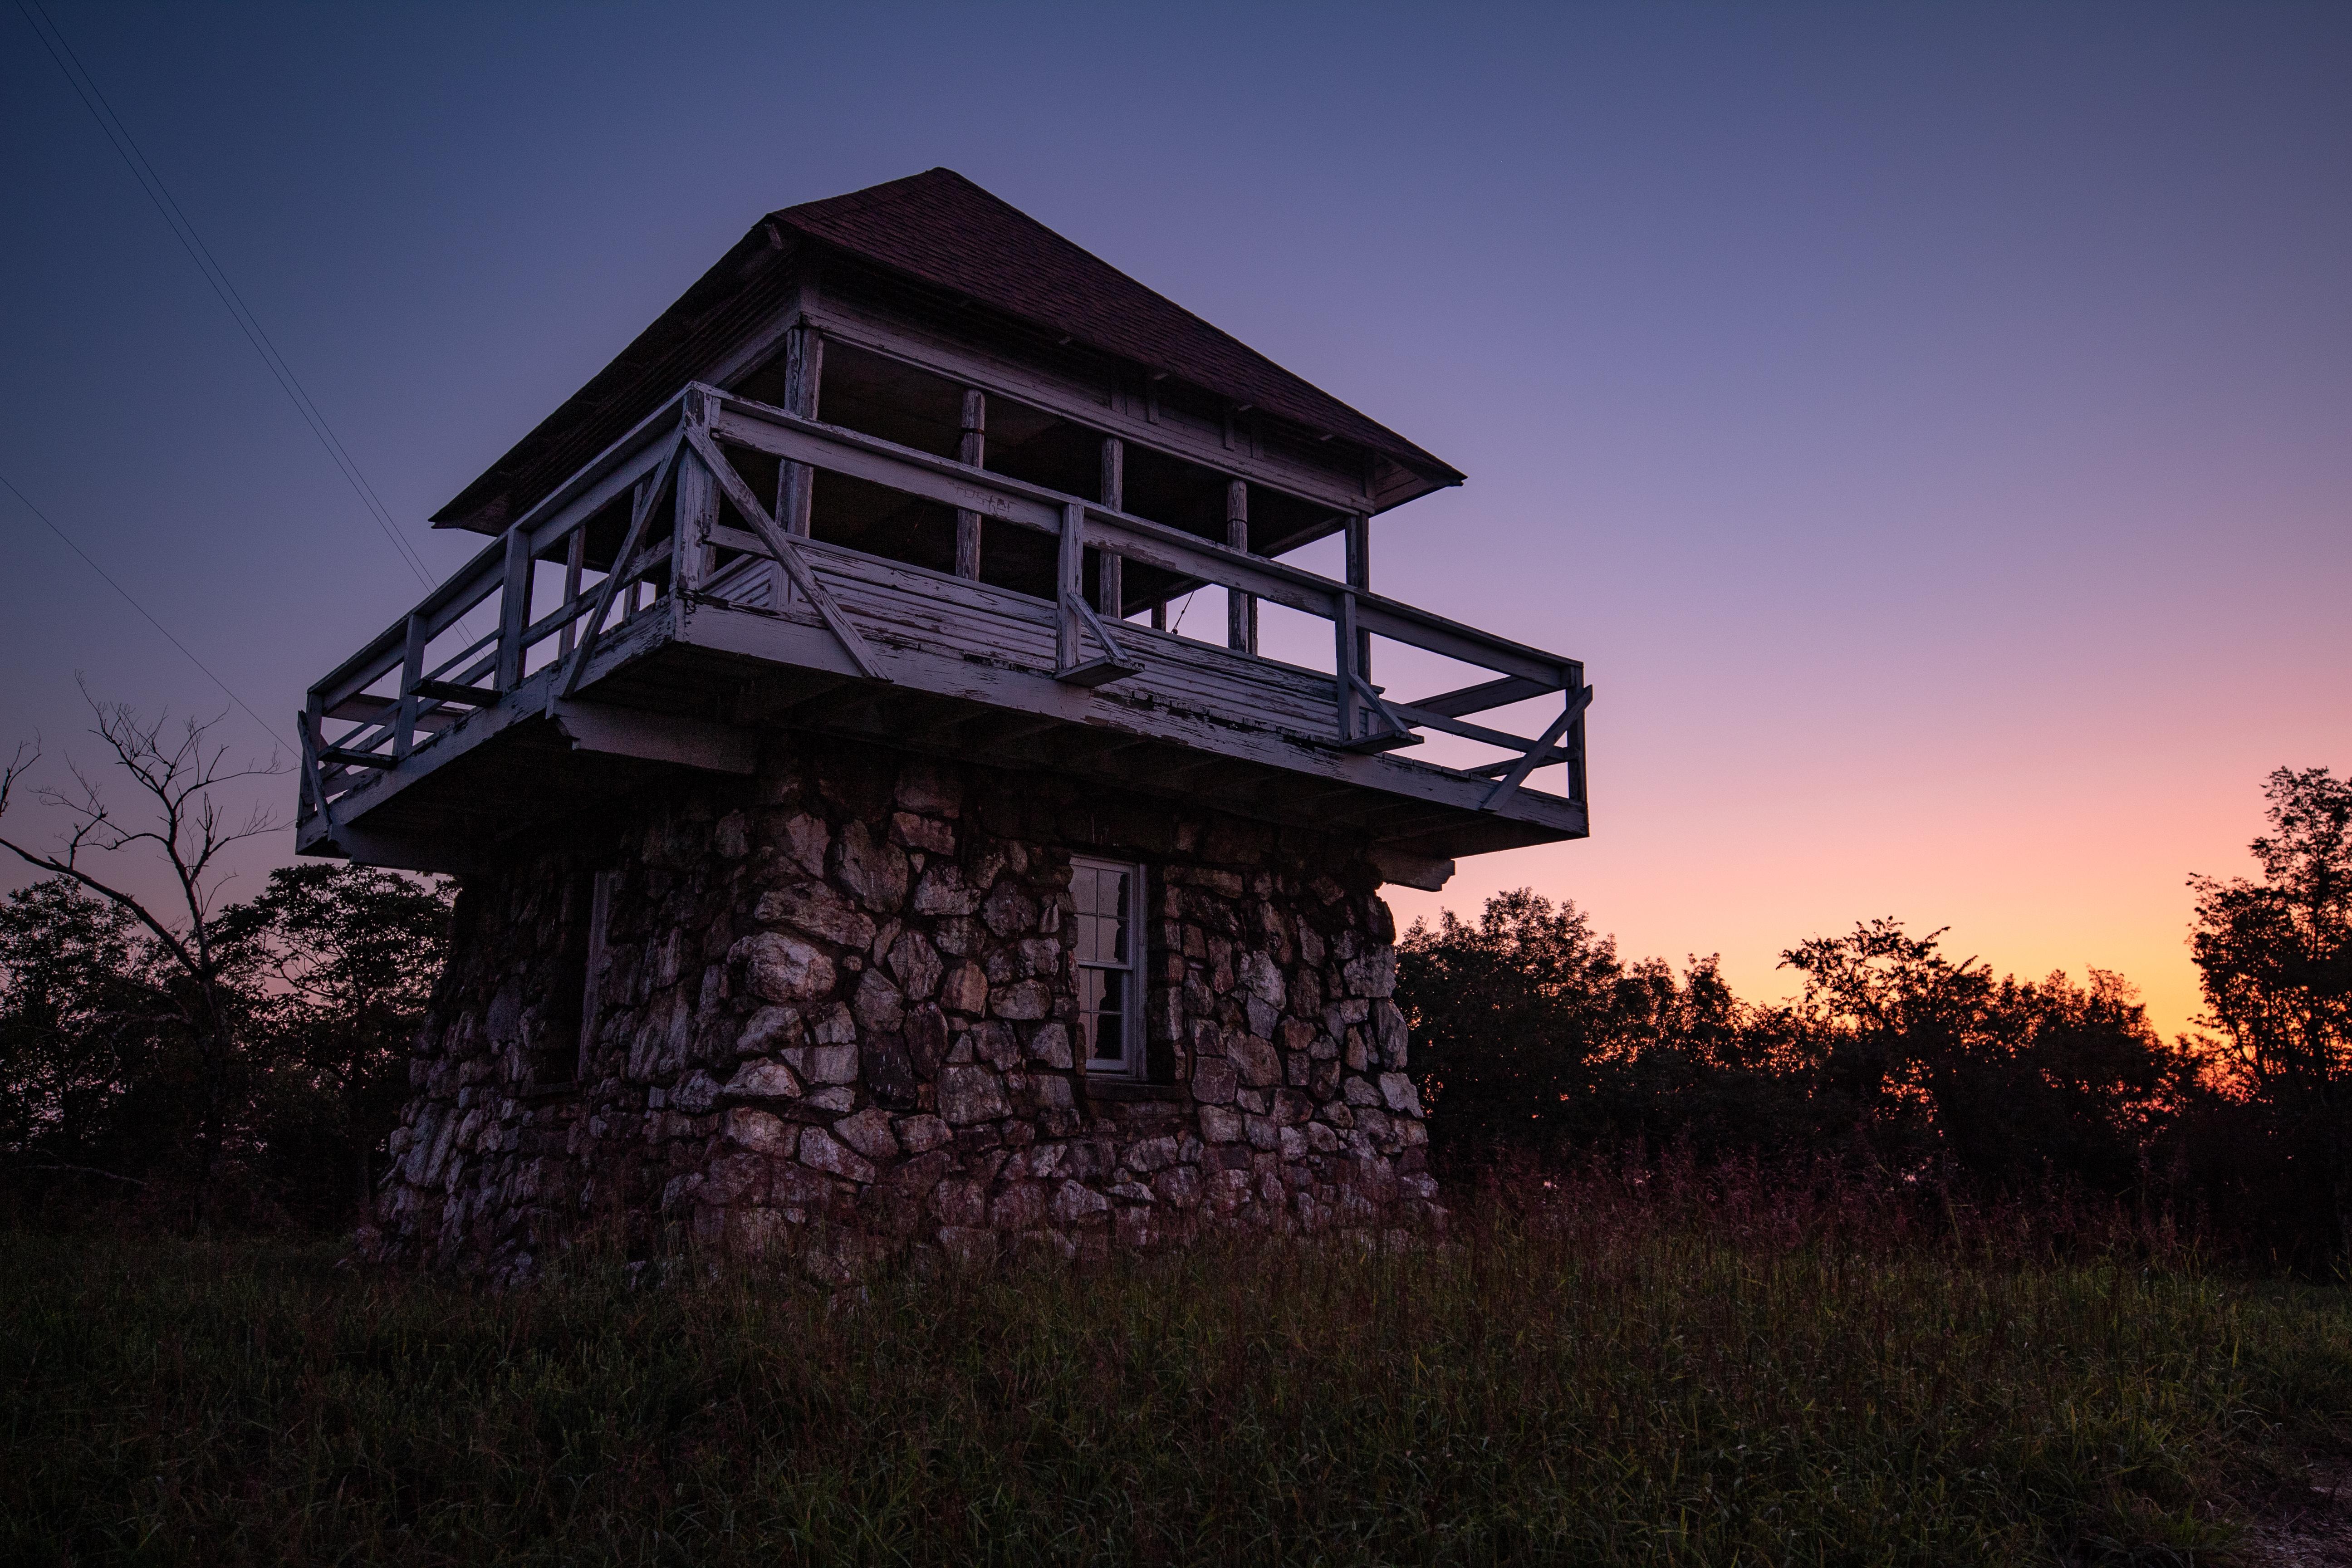 Tall Peak Tower at sunrise